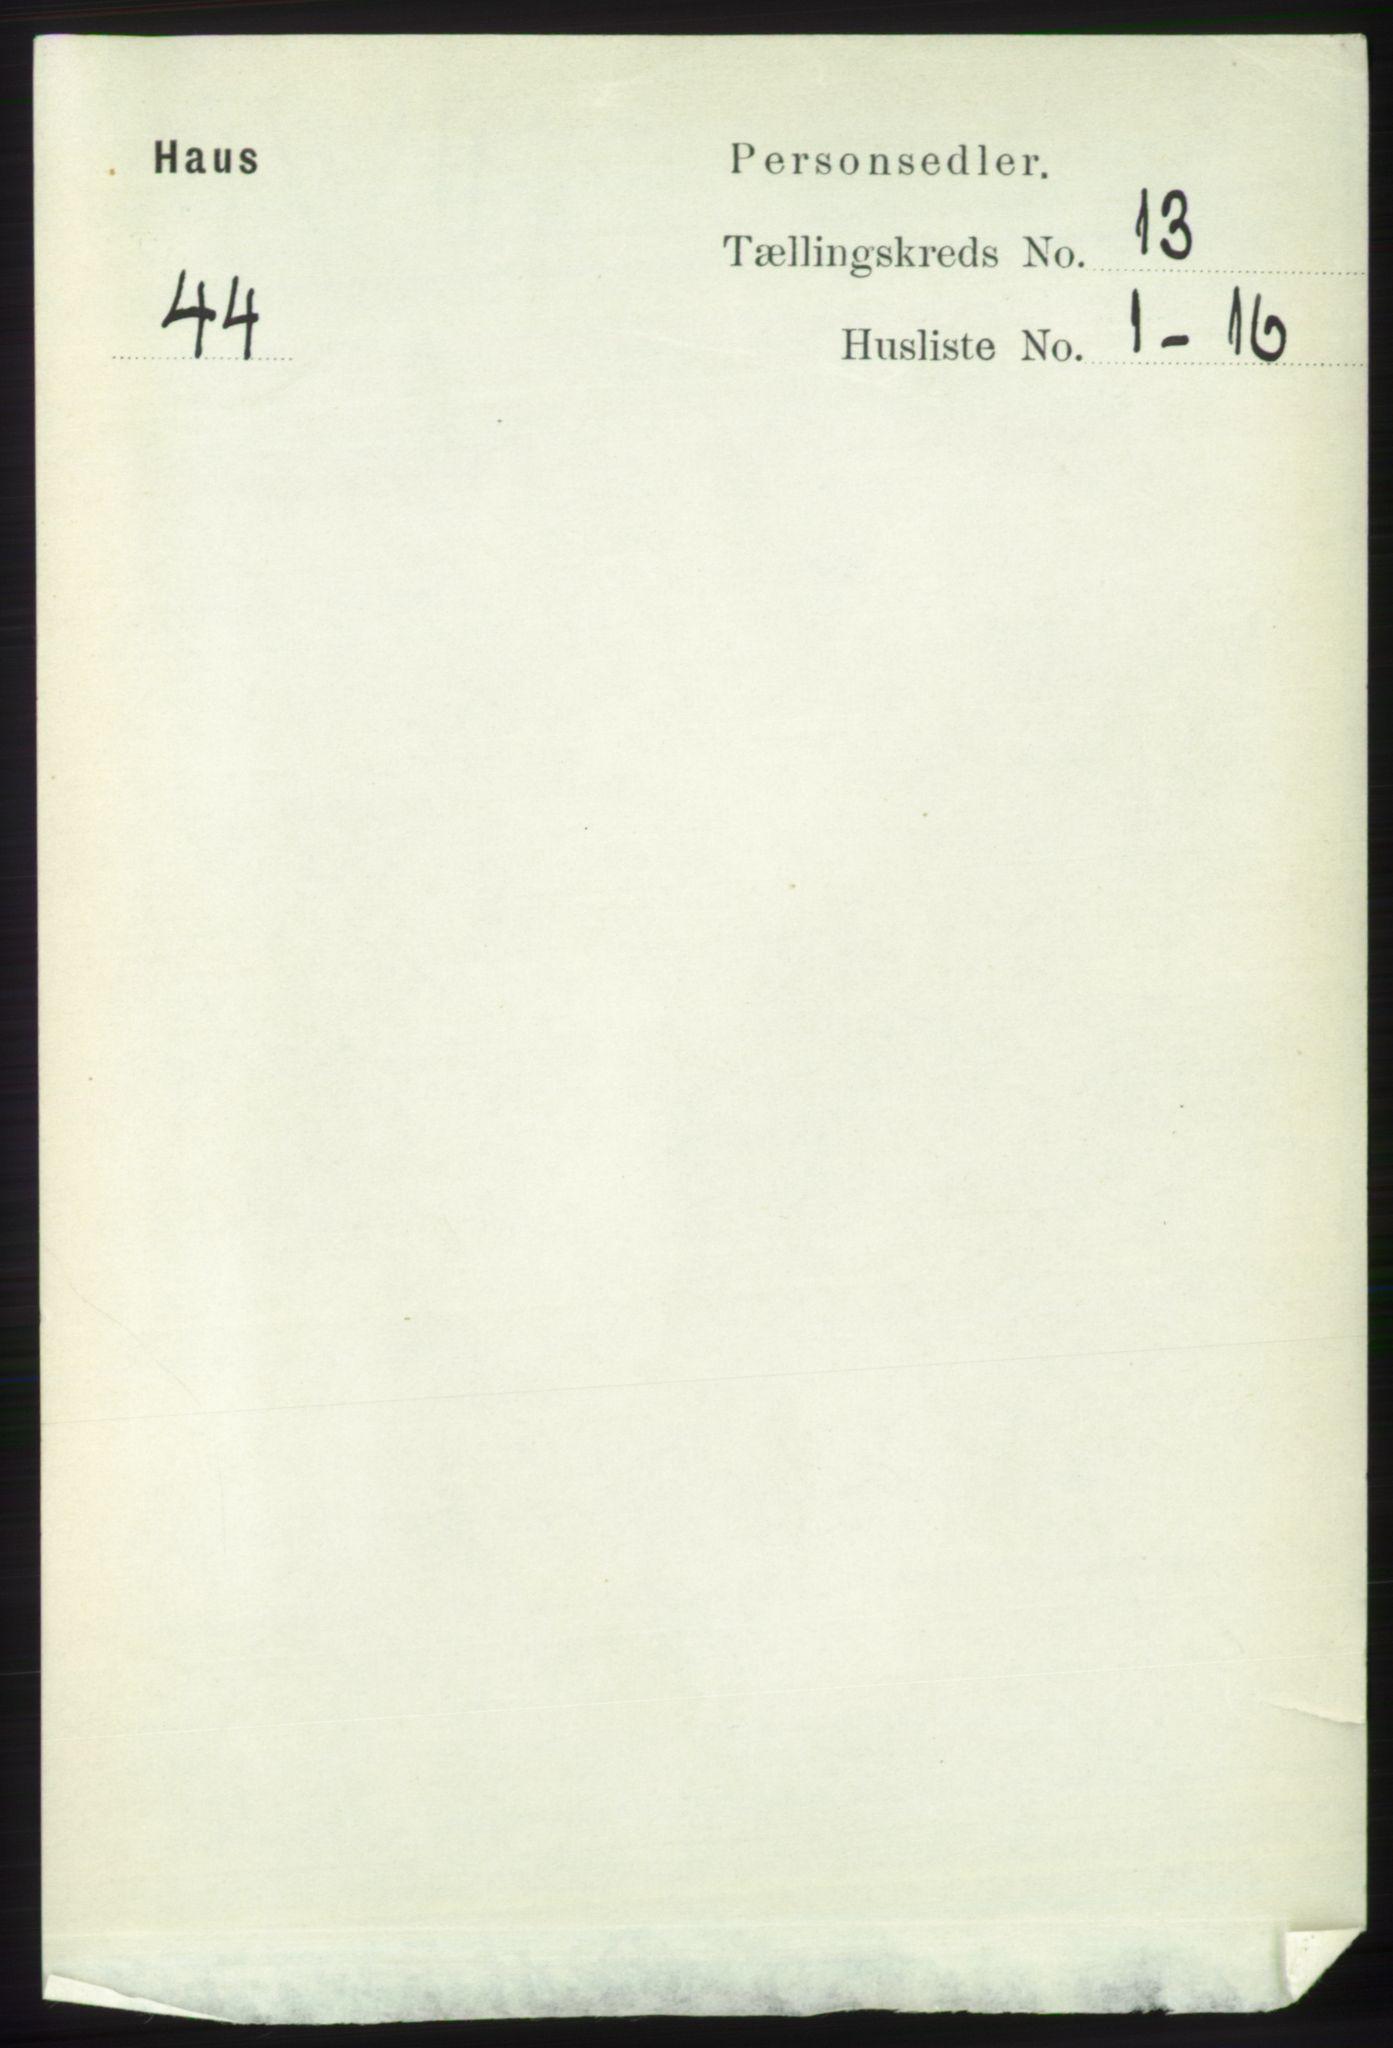 RA, Folketelling 1891 for 1250 Haus herred, 1891, s. 5555